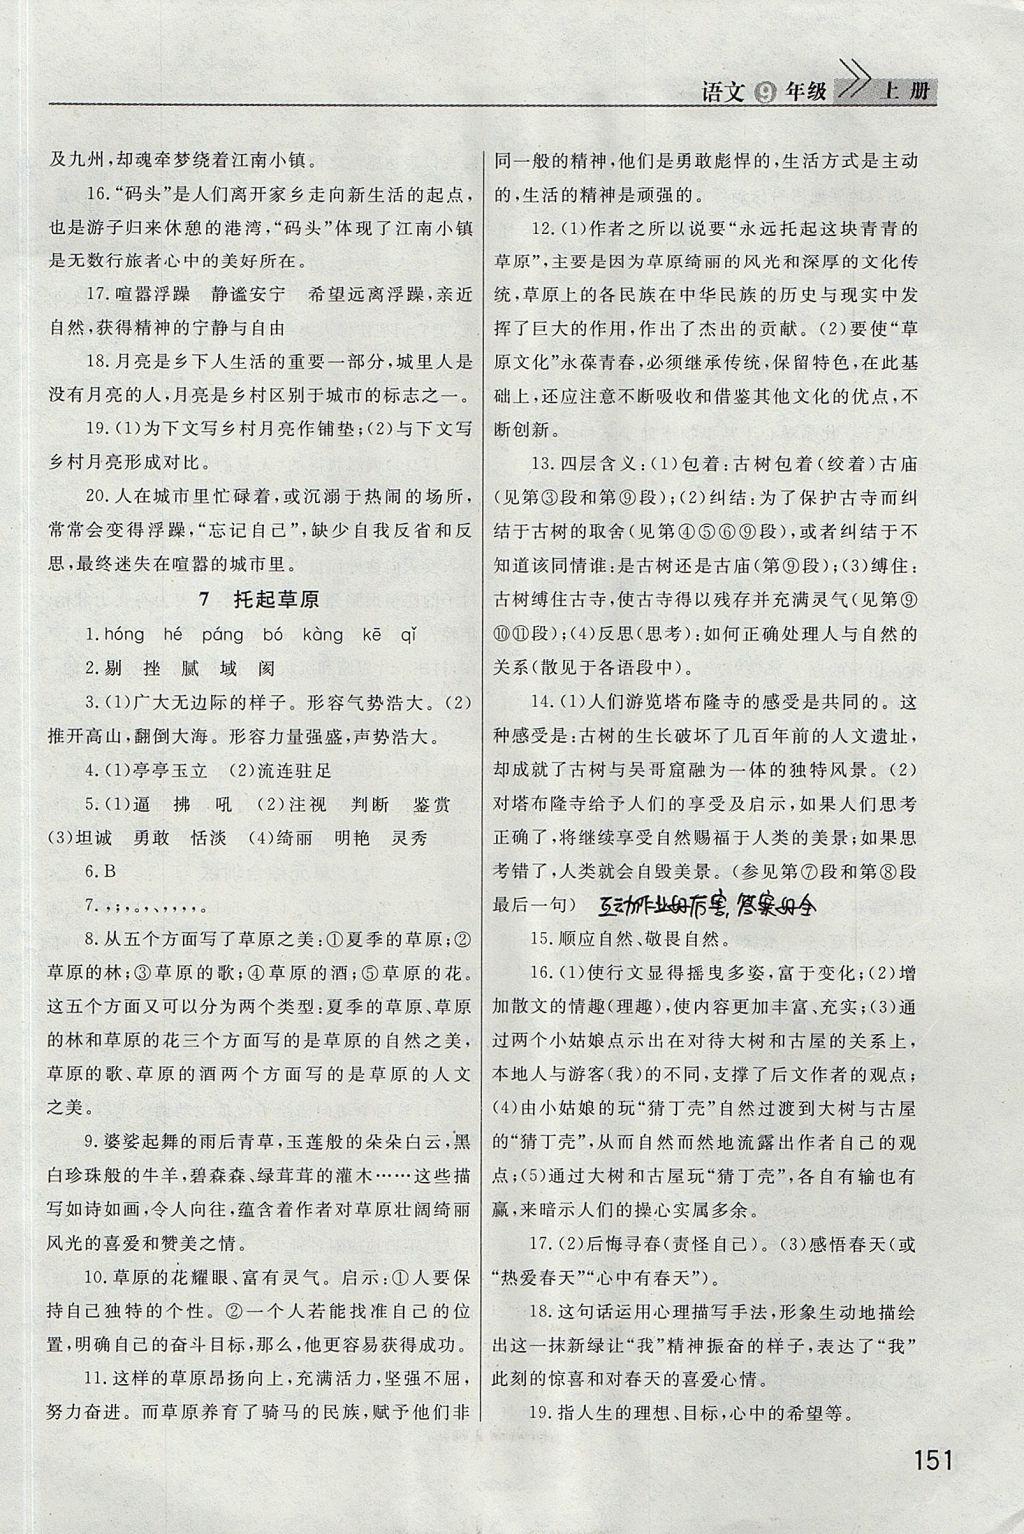 2017年长江作业本课堂作业九年级语文年级颁奖答案十词上册参考初中前图片